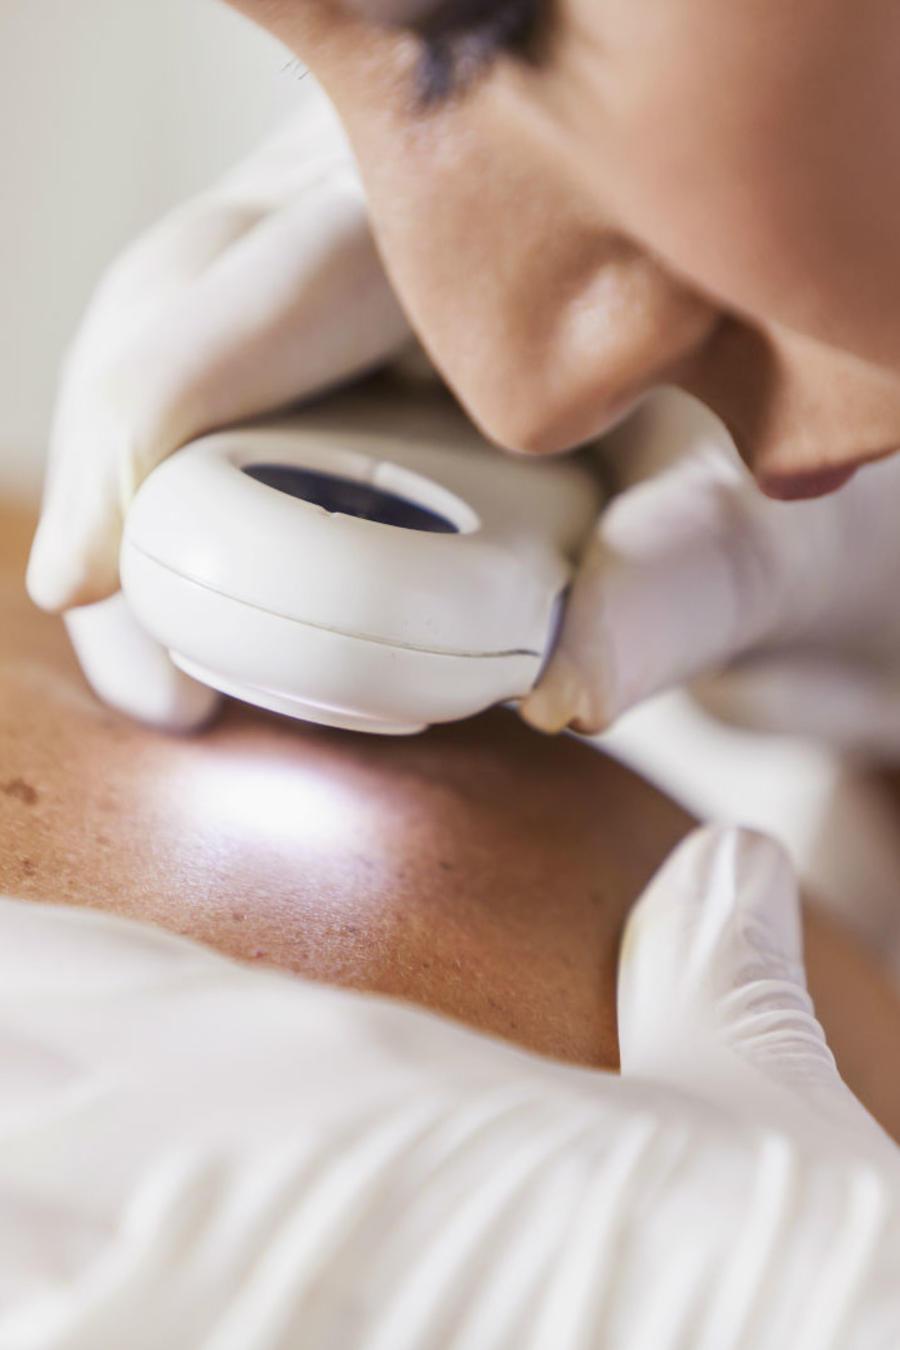 La vitamina A contra el cáncer de piel